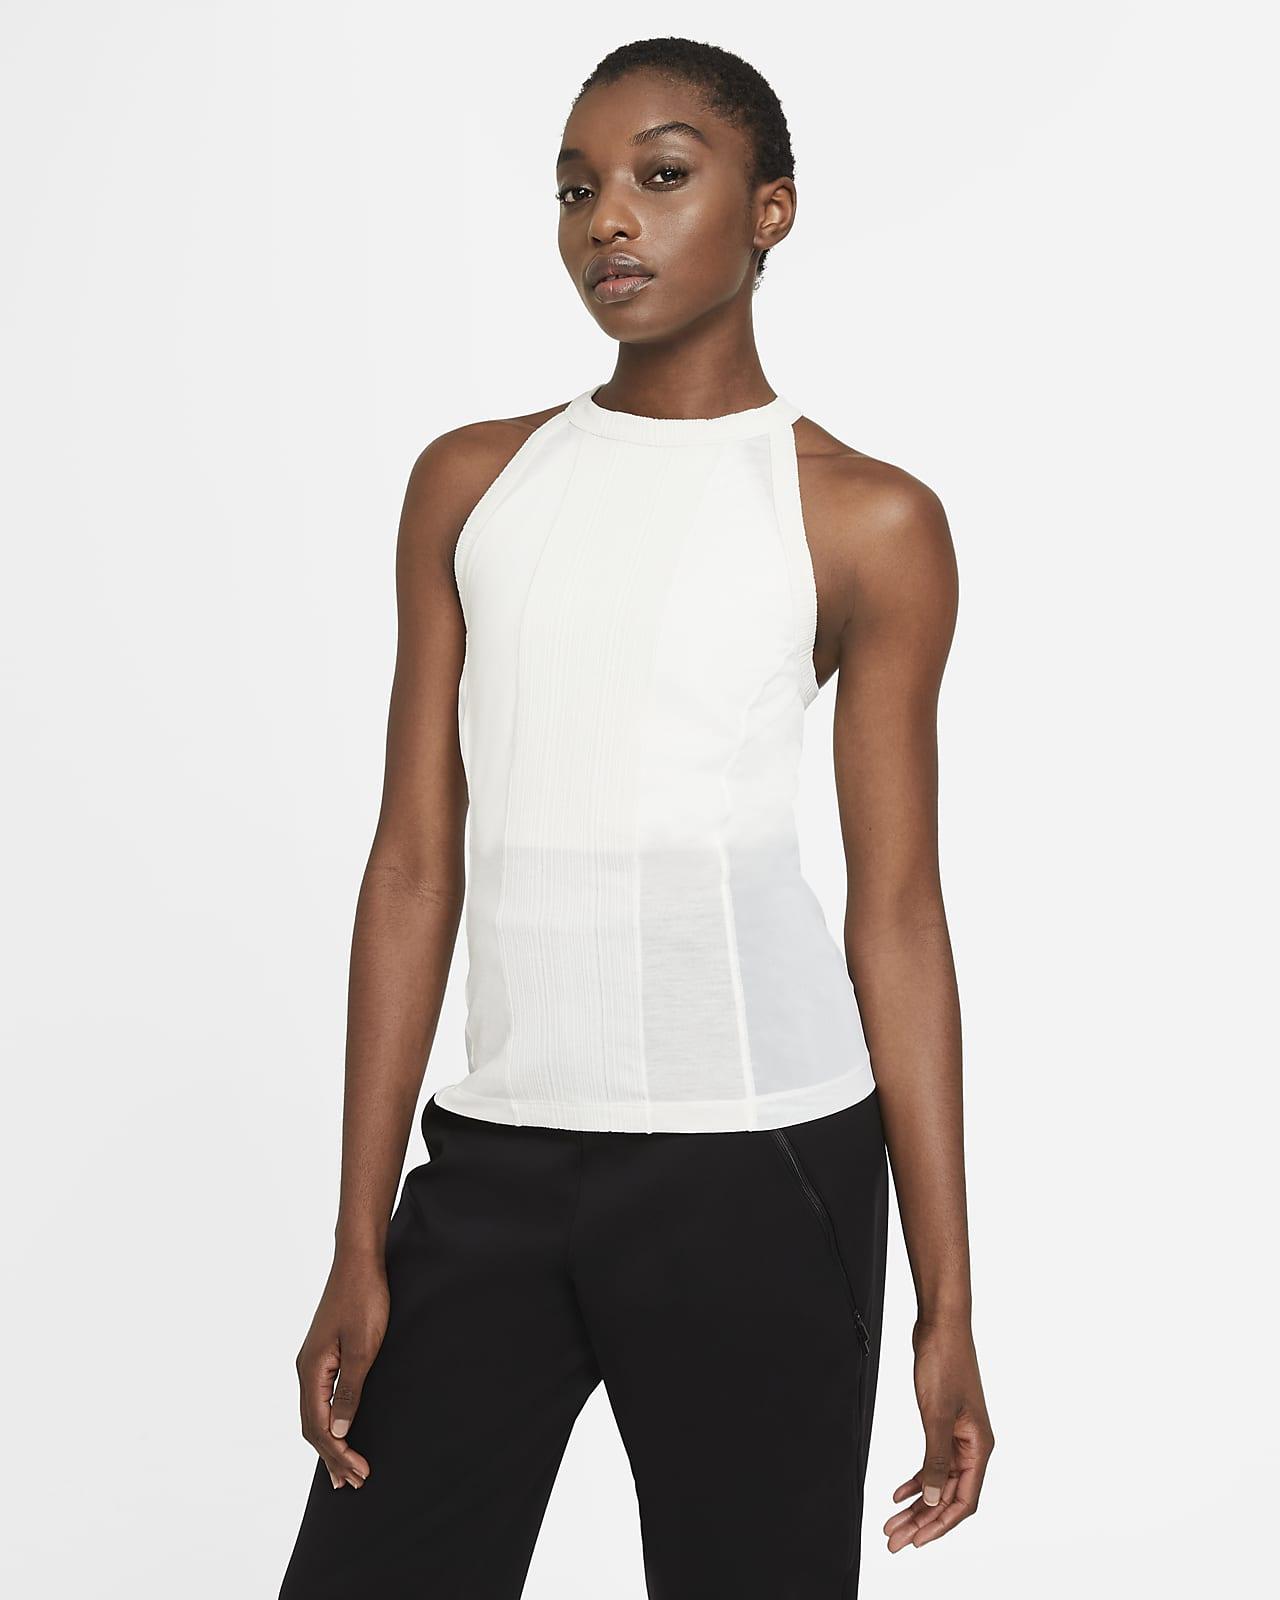 Damska koszulka treningowa bez rękawów Nike City Ready